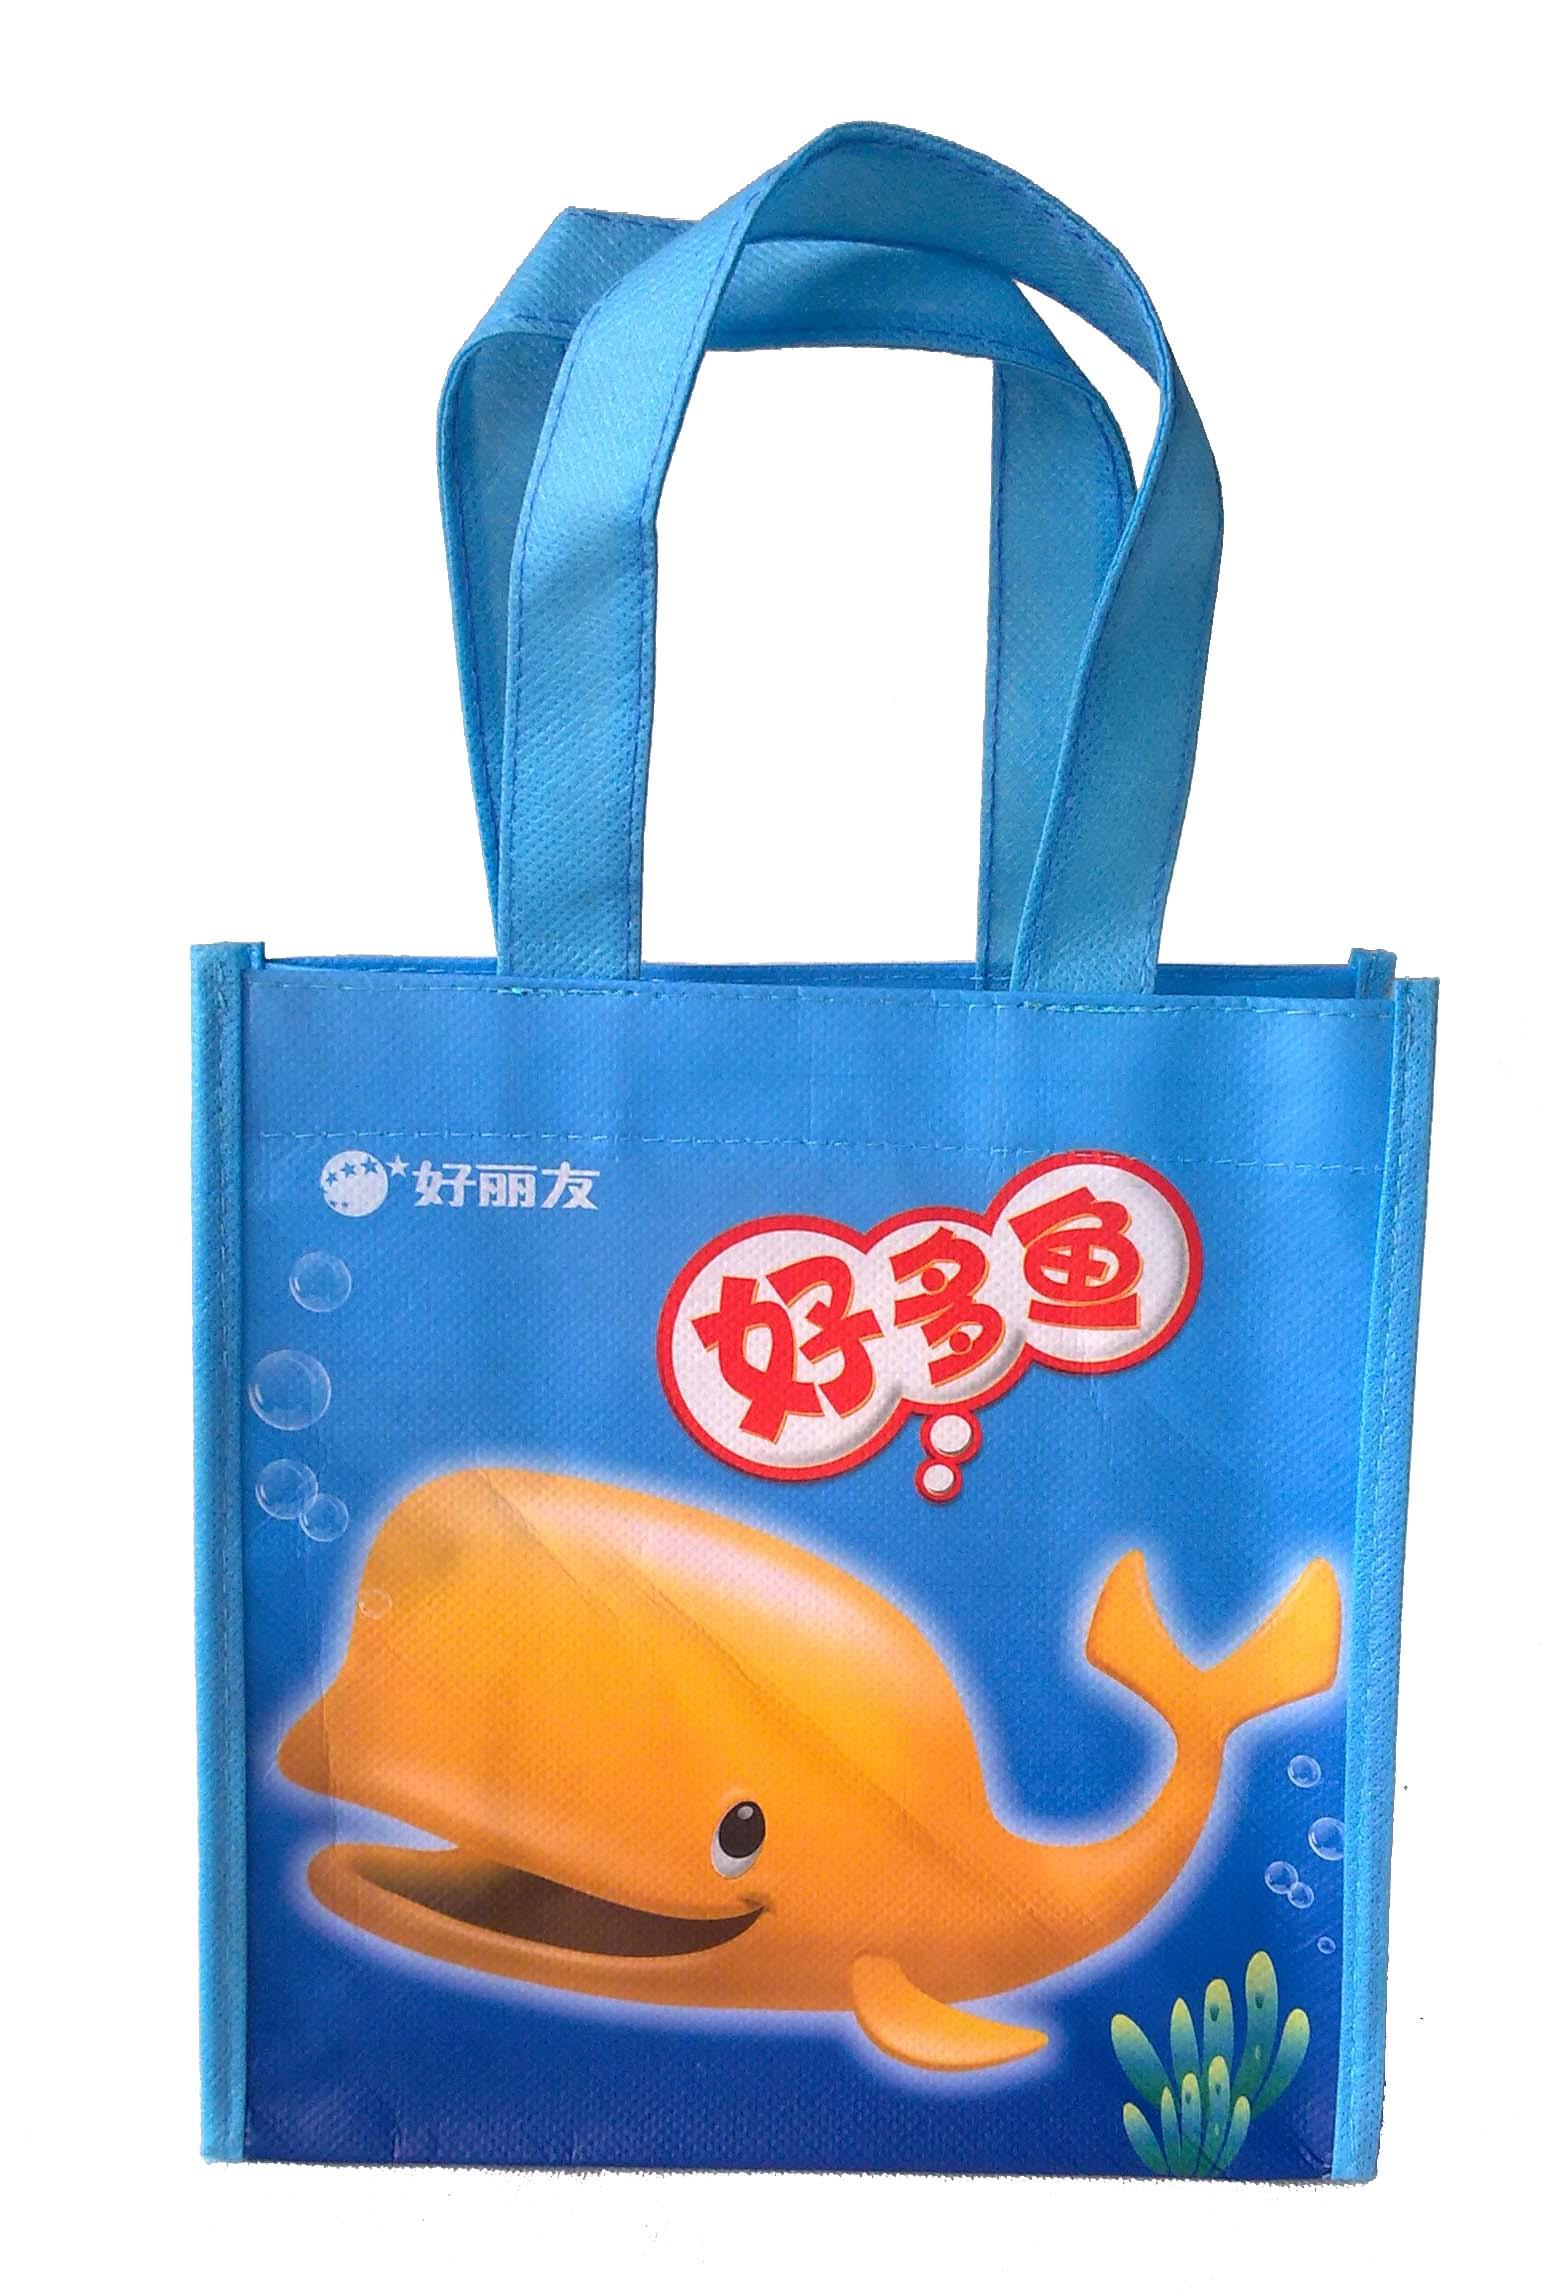 好多鱼好丽友万博app客户端